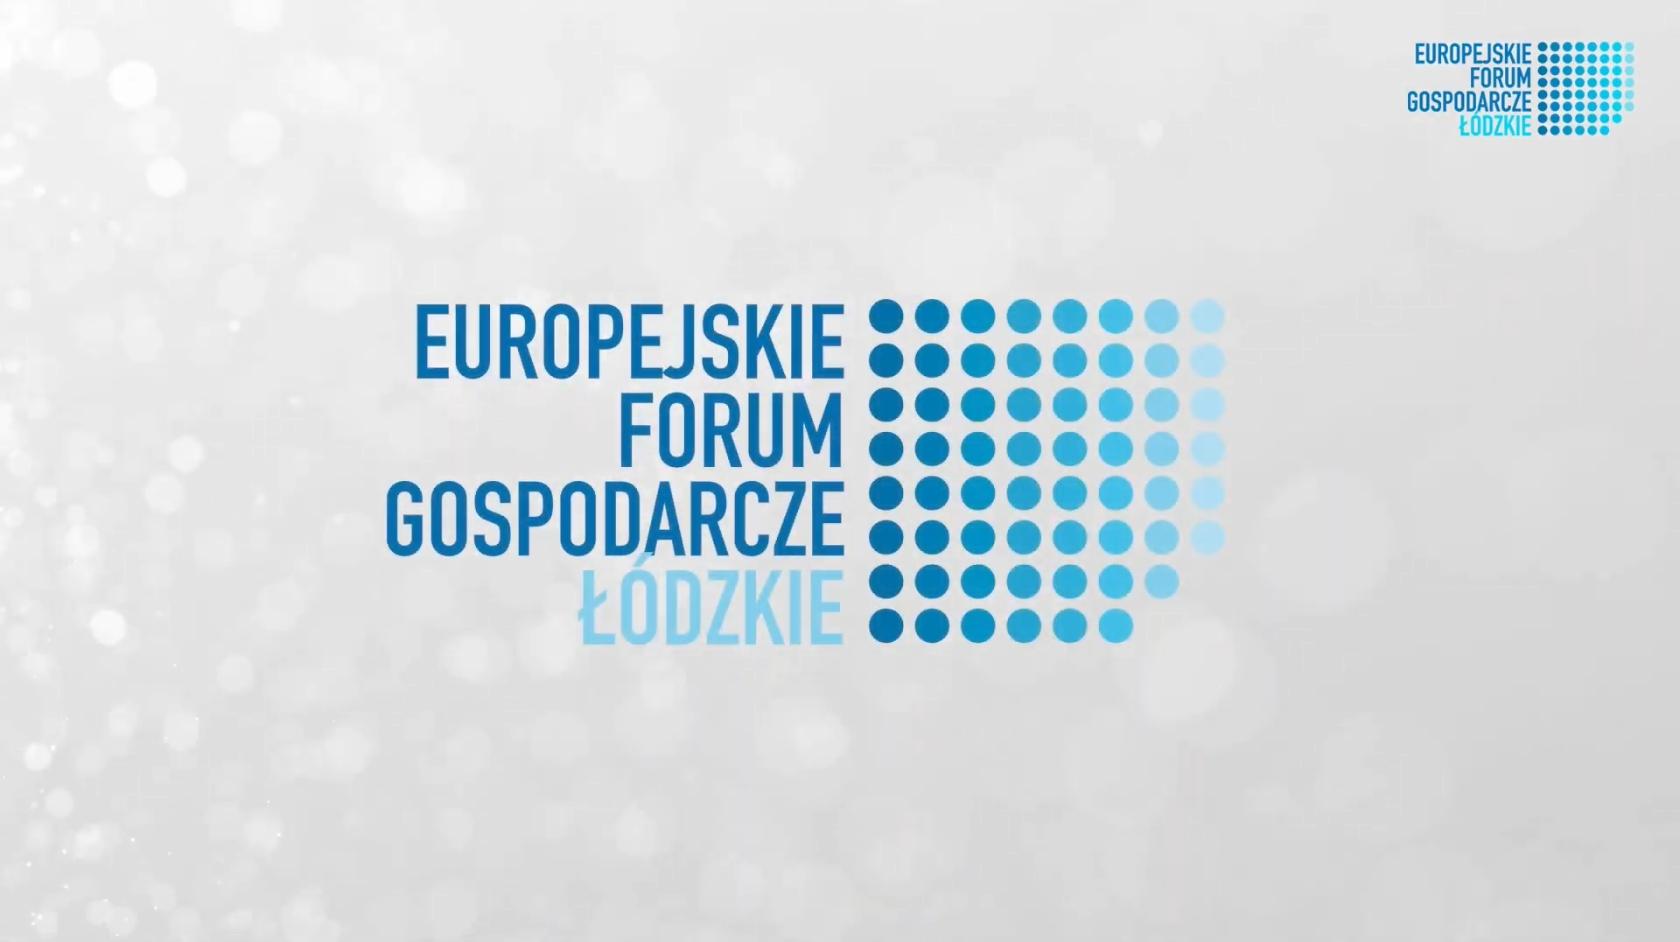 XIII Europejskie Forum Gospodarcze 2020